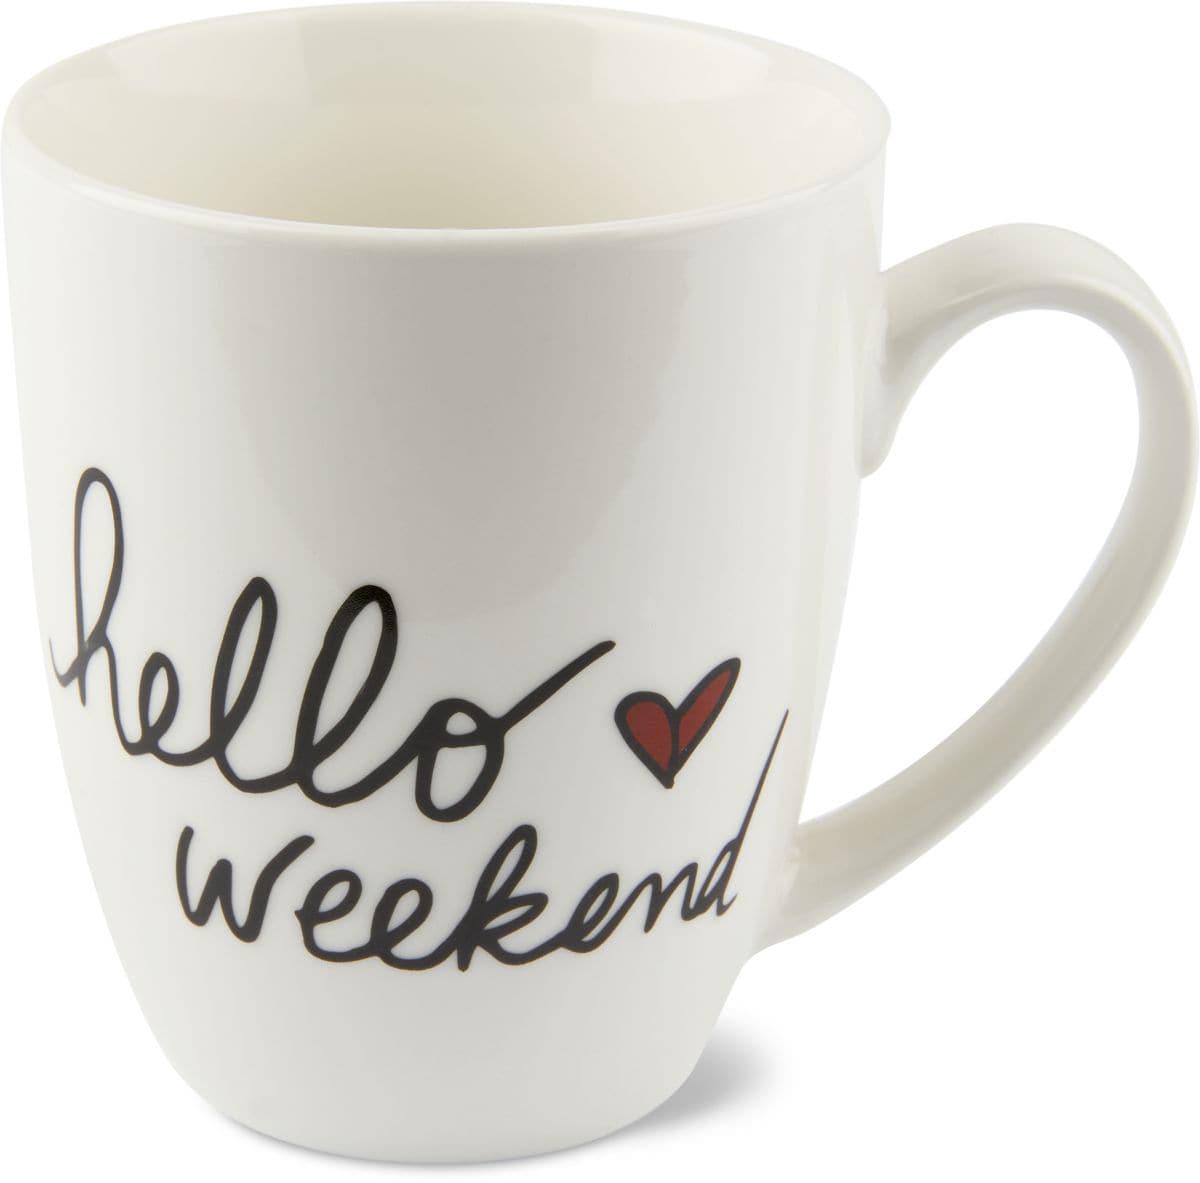 Cucina & Tavola Tazza Hello Weekend, 390ml